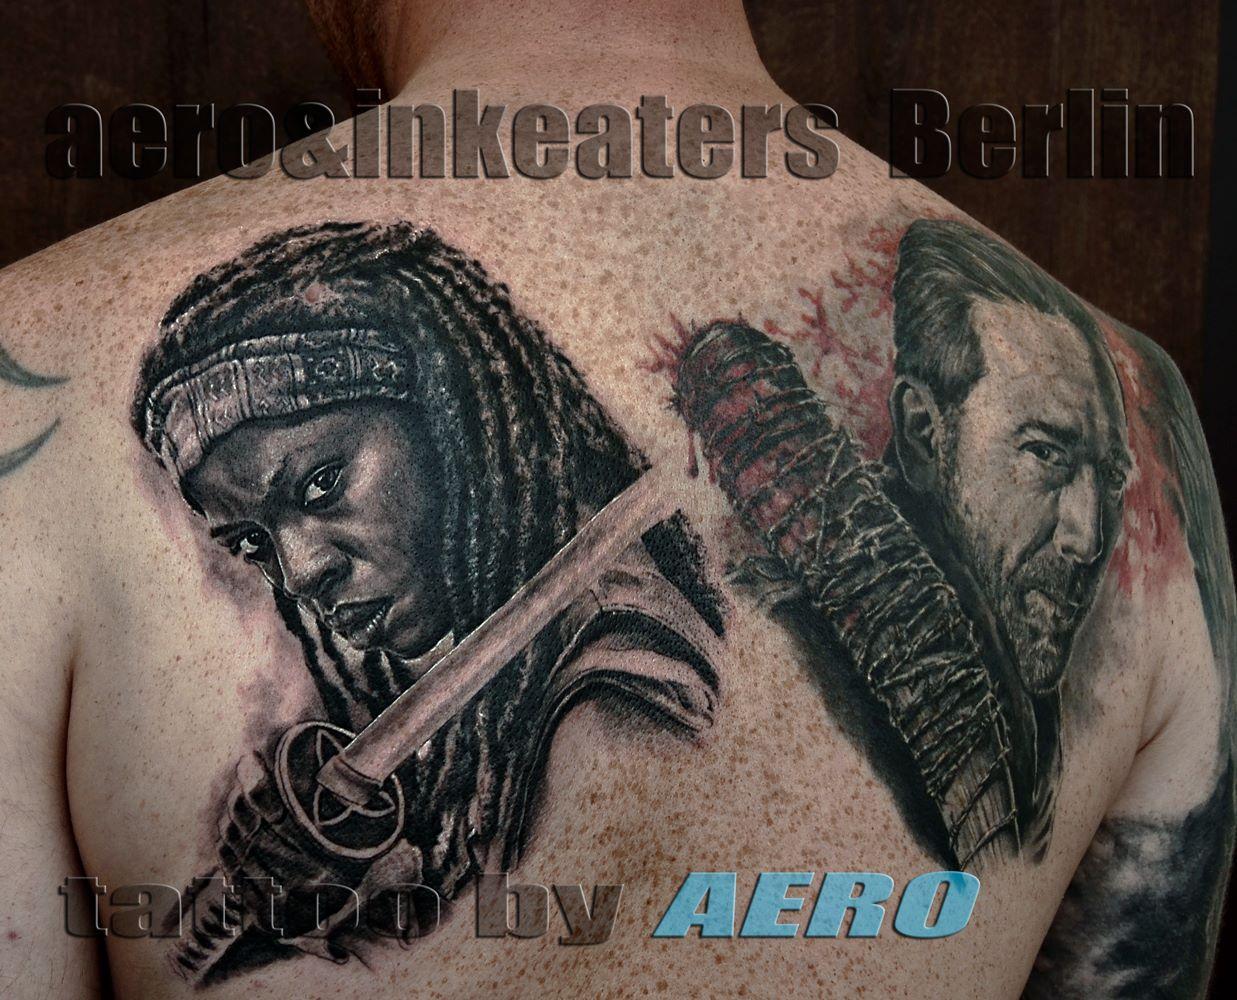 Tattoo von zwei bewaffneten Personen auf dem Rücken.